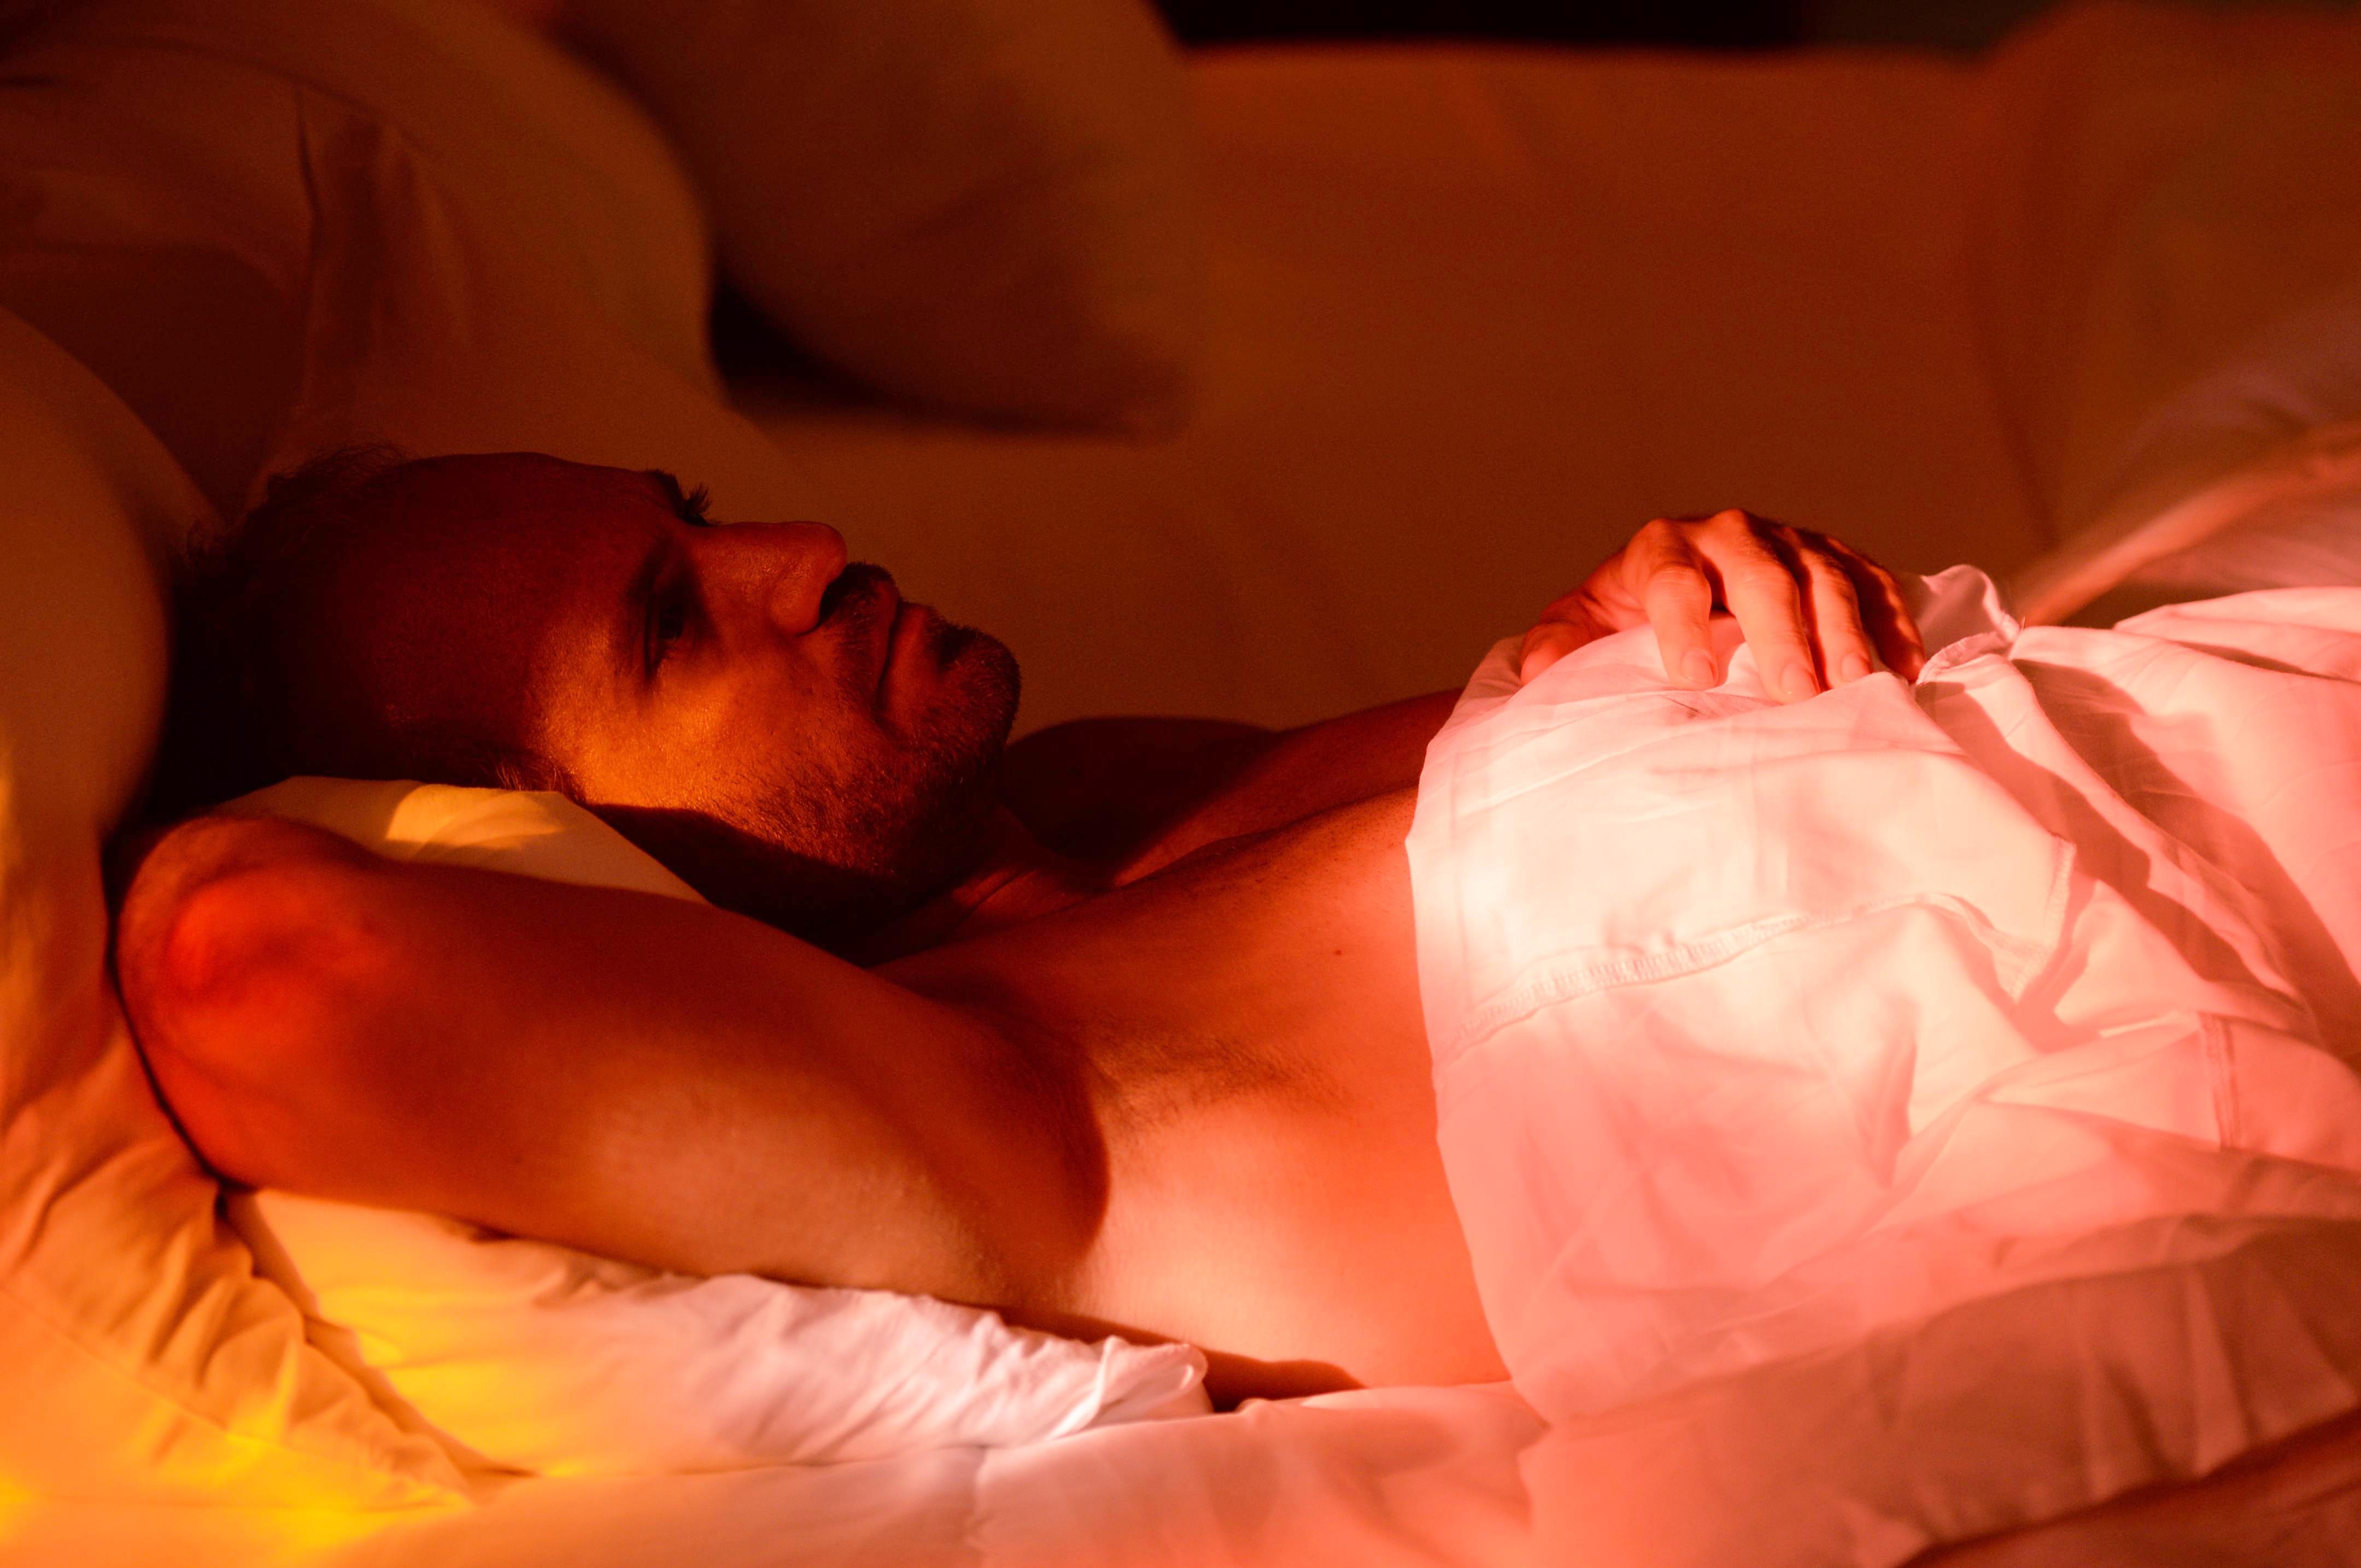 kone sex massasje historier